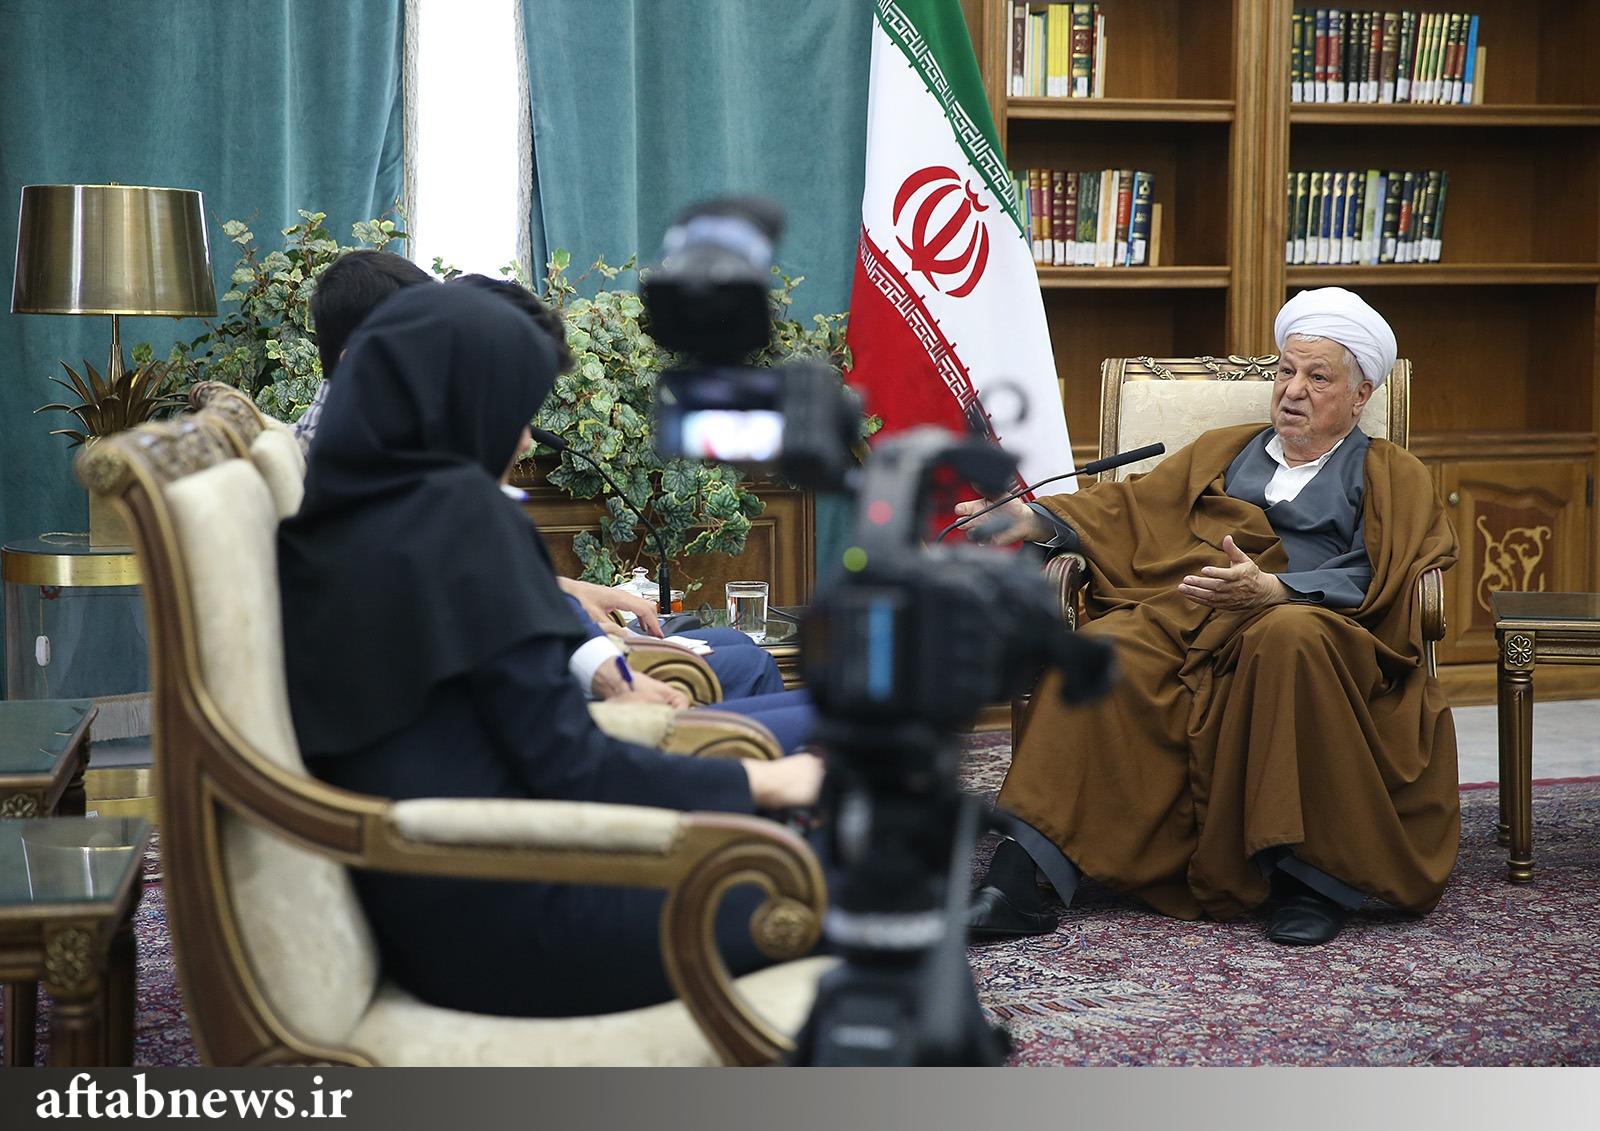 احتمال دیدار اوباما و روحانی وجود ندارد/ماجرای شام ملکعبدالله در منزل هاشمی